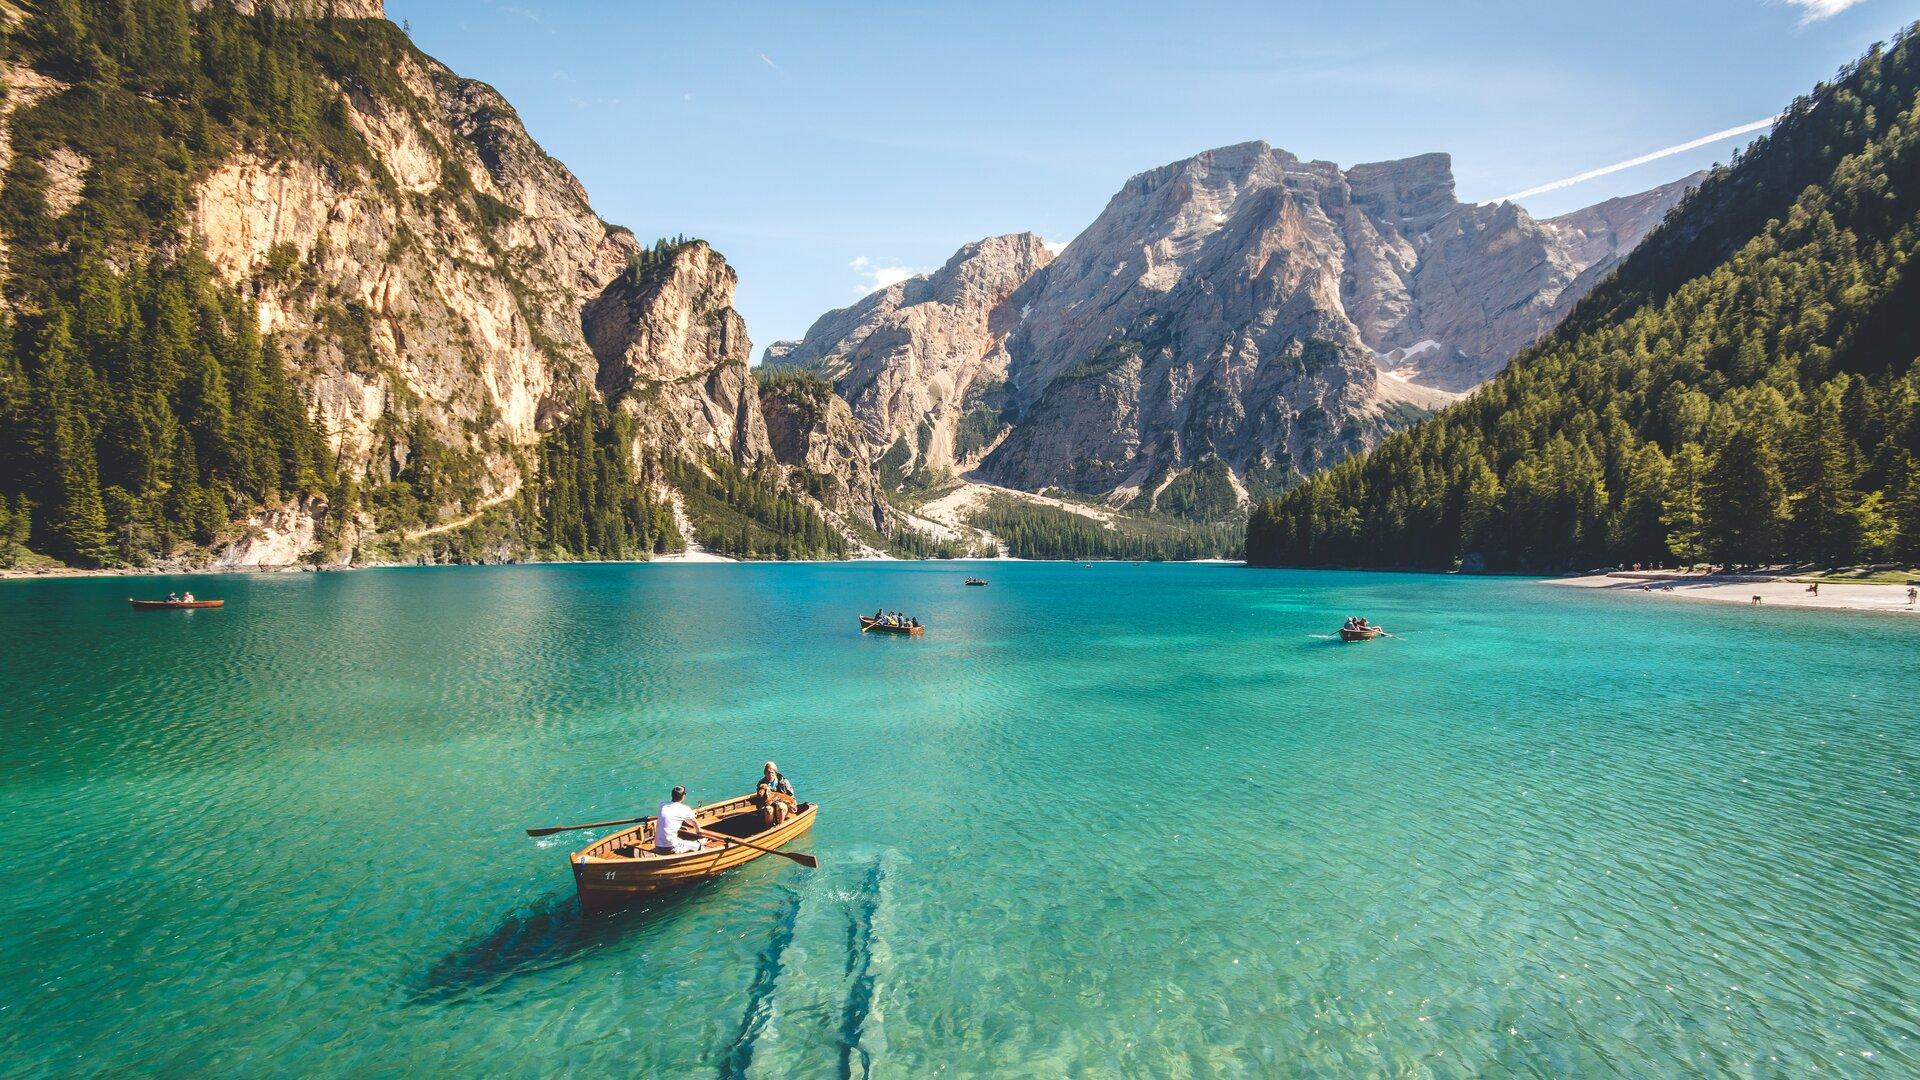 bateau sur un lac